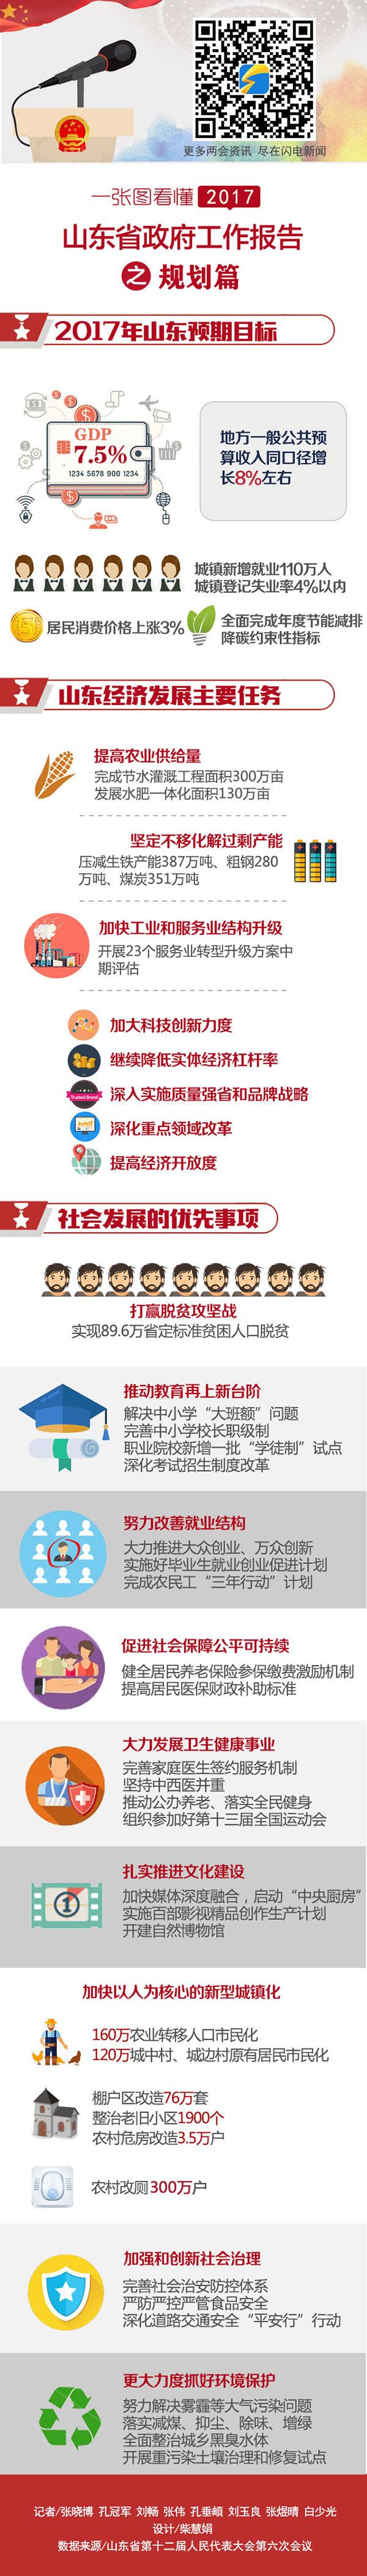 一张图看懂2017年山东省政府工作报告之规划篇